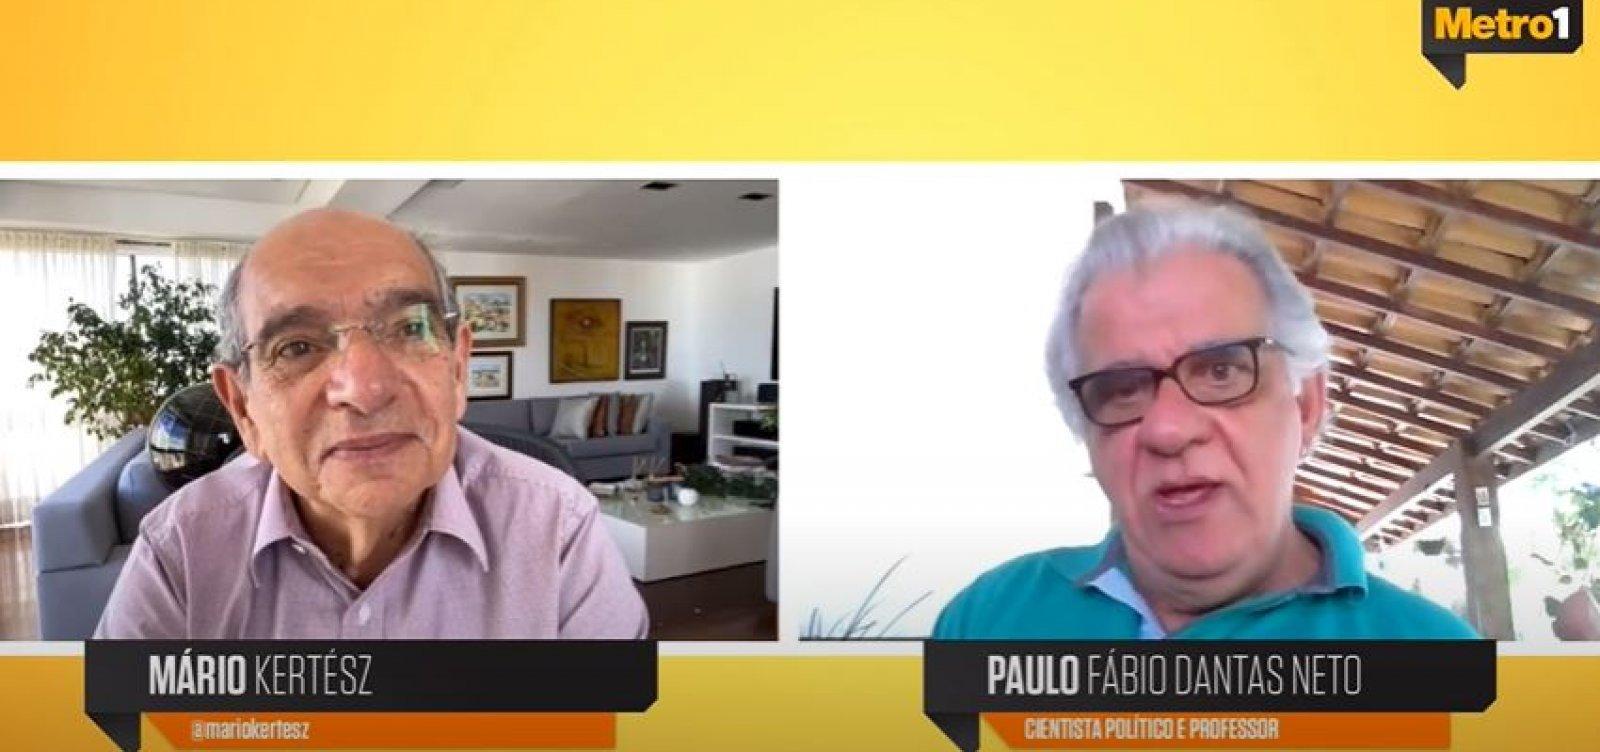 50 anos do início do carlismo: cientista político avalia relevância de ACM para a Bahia